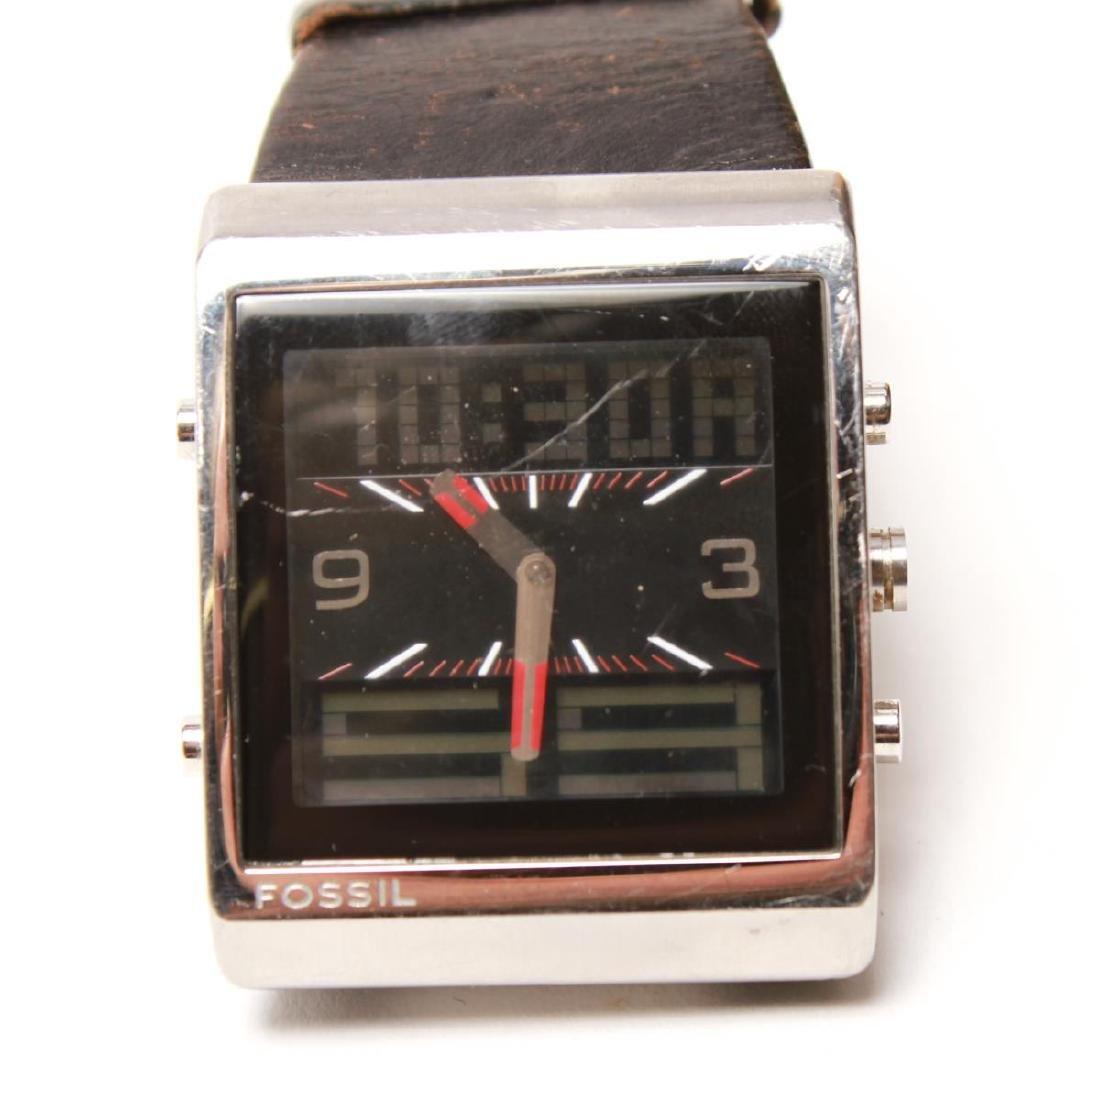 Fossil FUEL Man's Swiss Analog Digital Wristwatch - 2